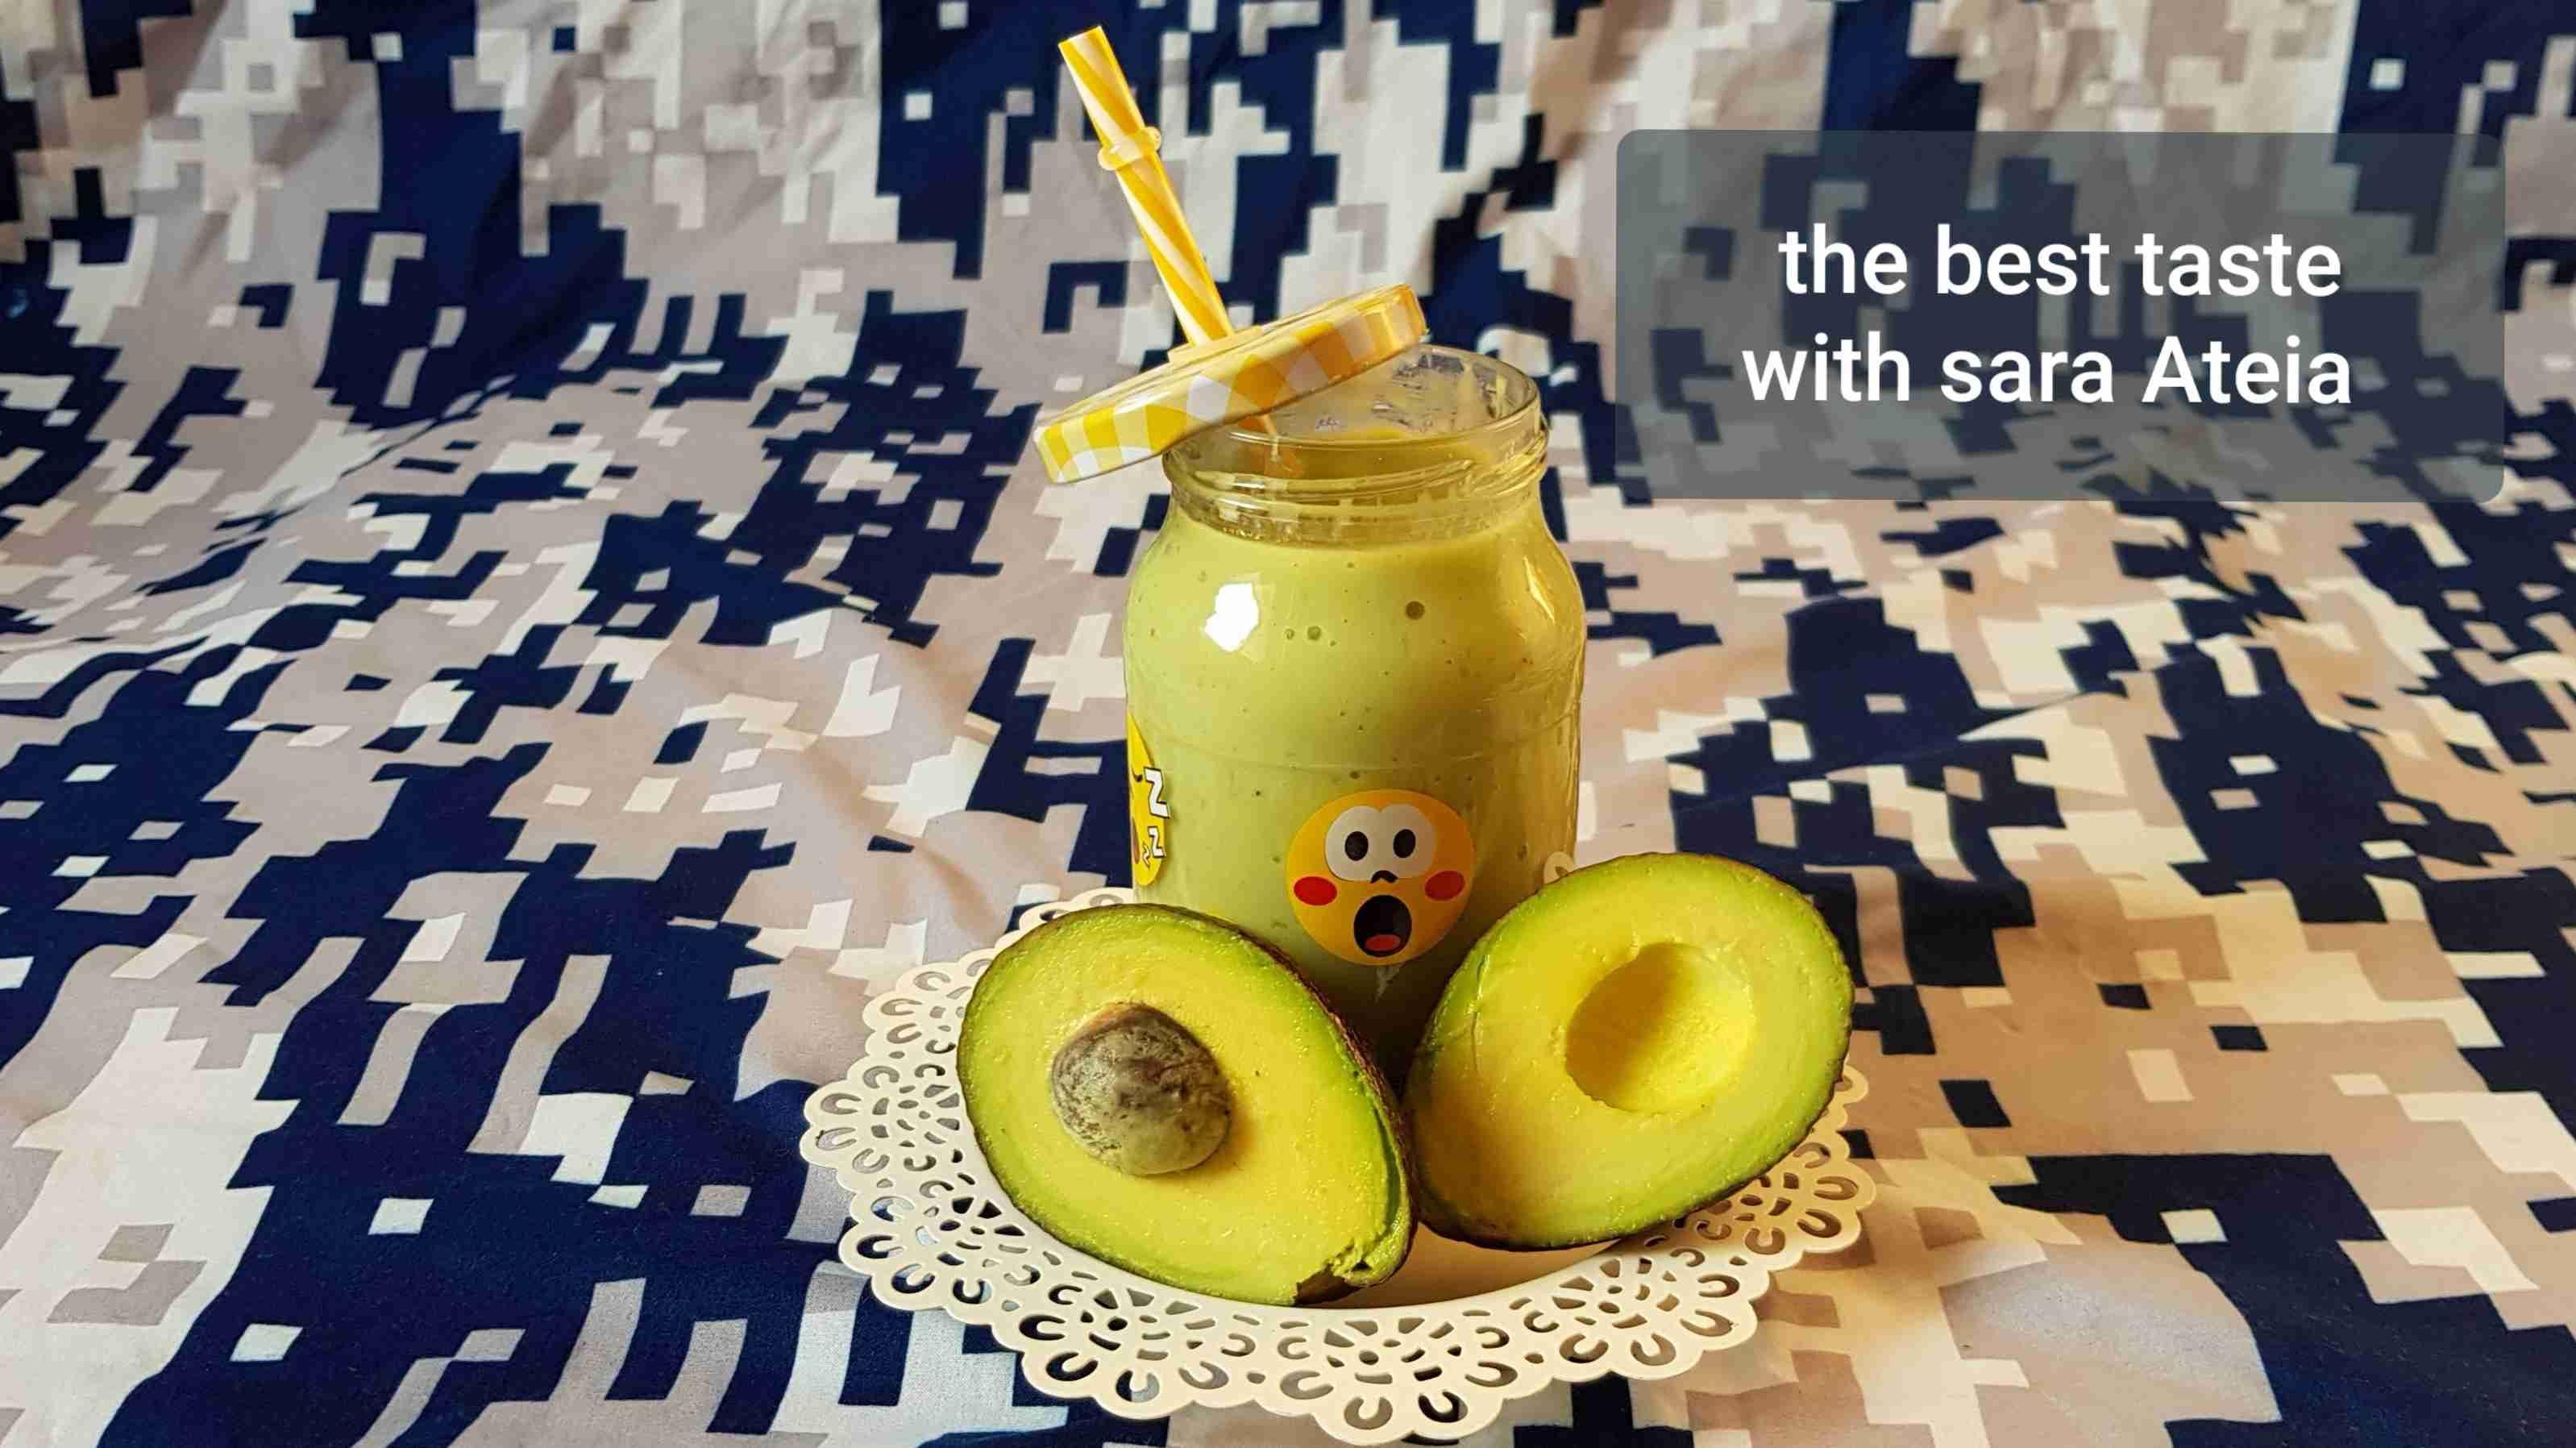 طريقة عمل عصير الافوكادو زاكي Tasting Food Avocado